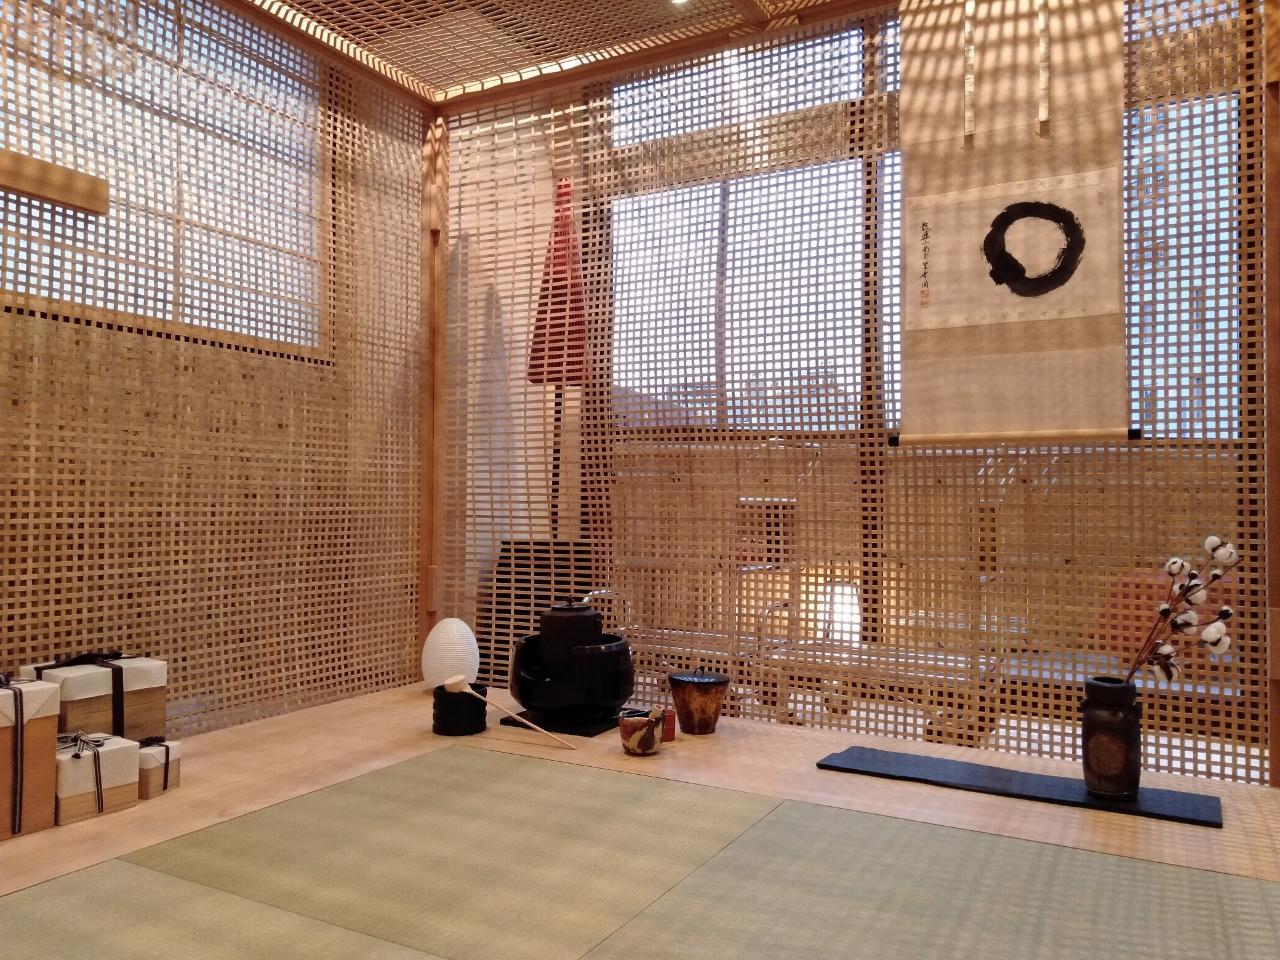 1泊3600円でおこもりできる東京・浅草の和風ホテルに泊まってみた【トーセイホテル ココネ浅草蔵前】